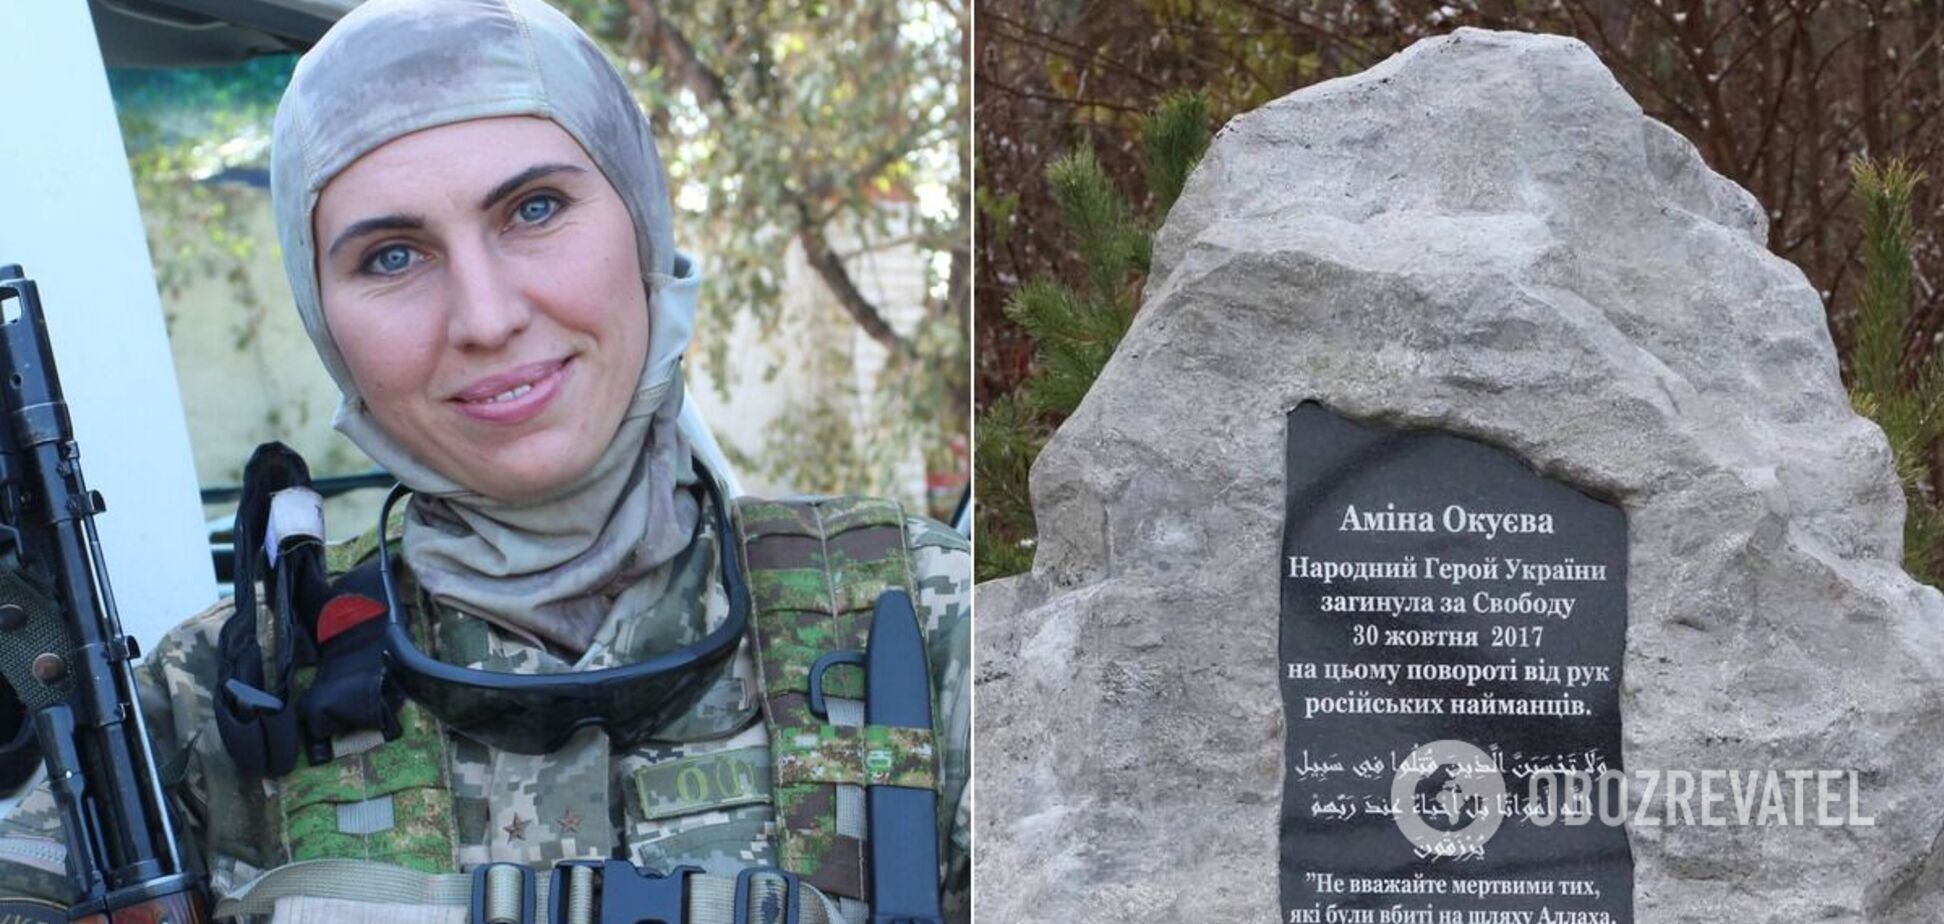 Под Киевом открыли мемориал Амине Окуевой